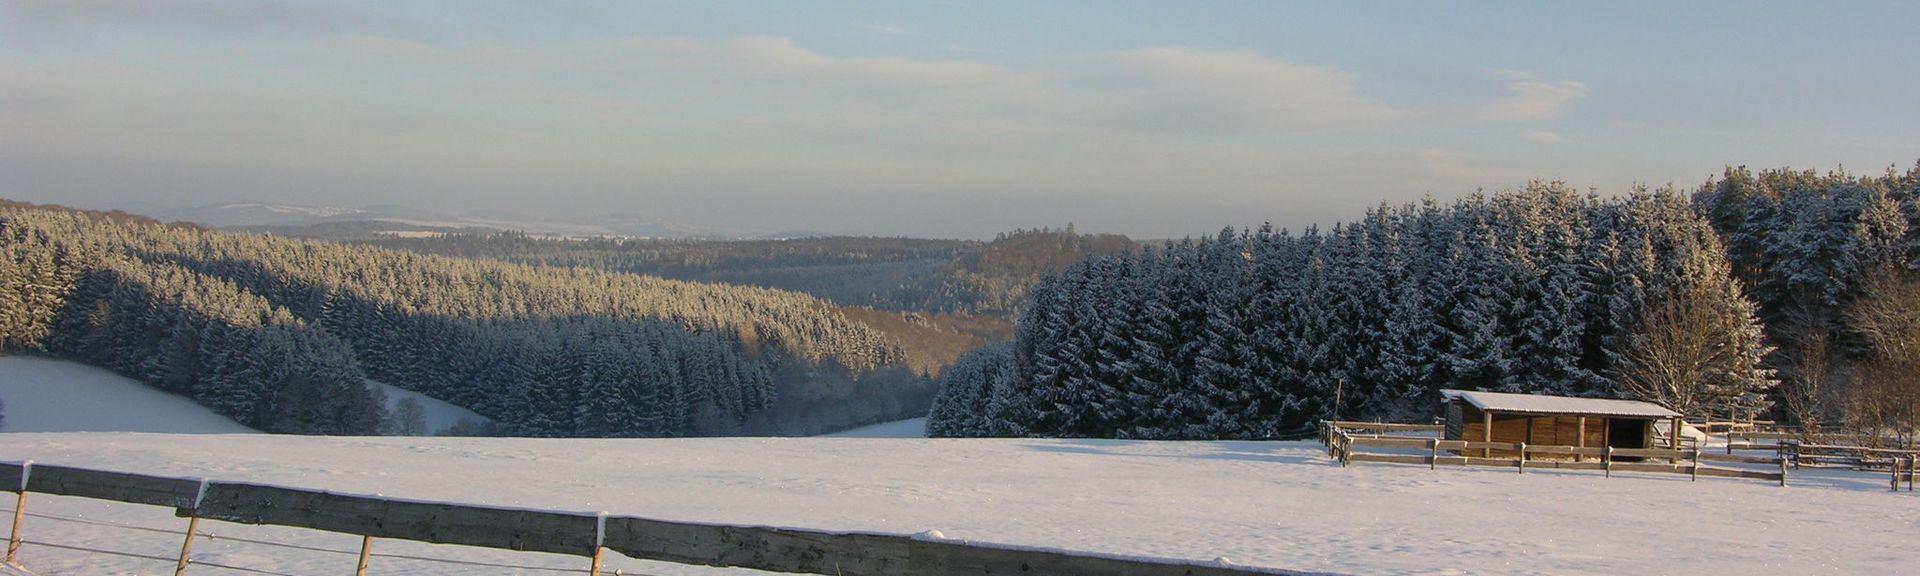 Berndorf, Rheinland-Pfalz